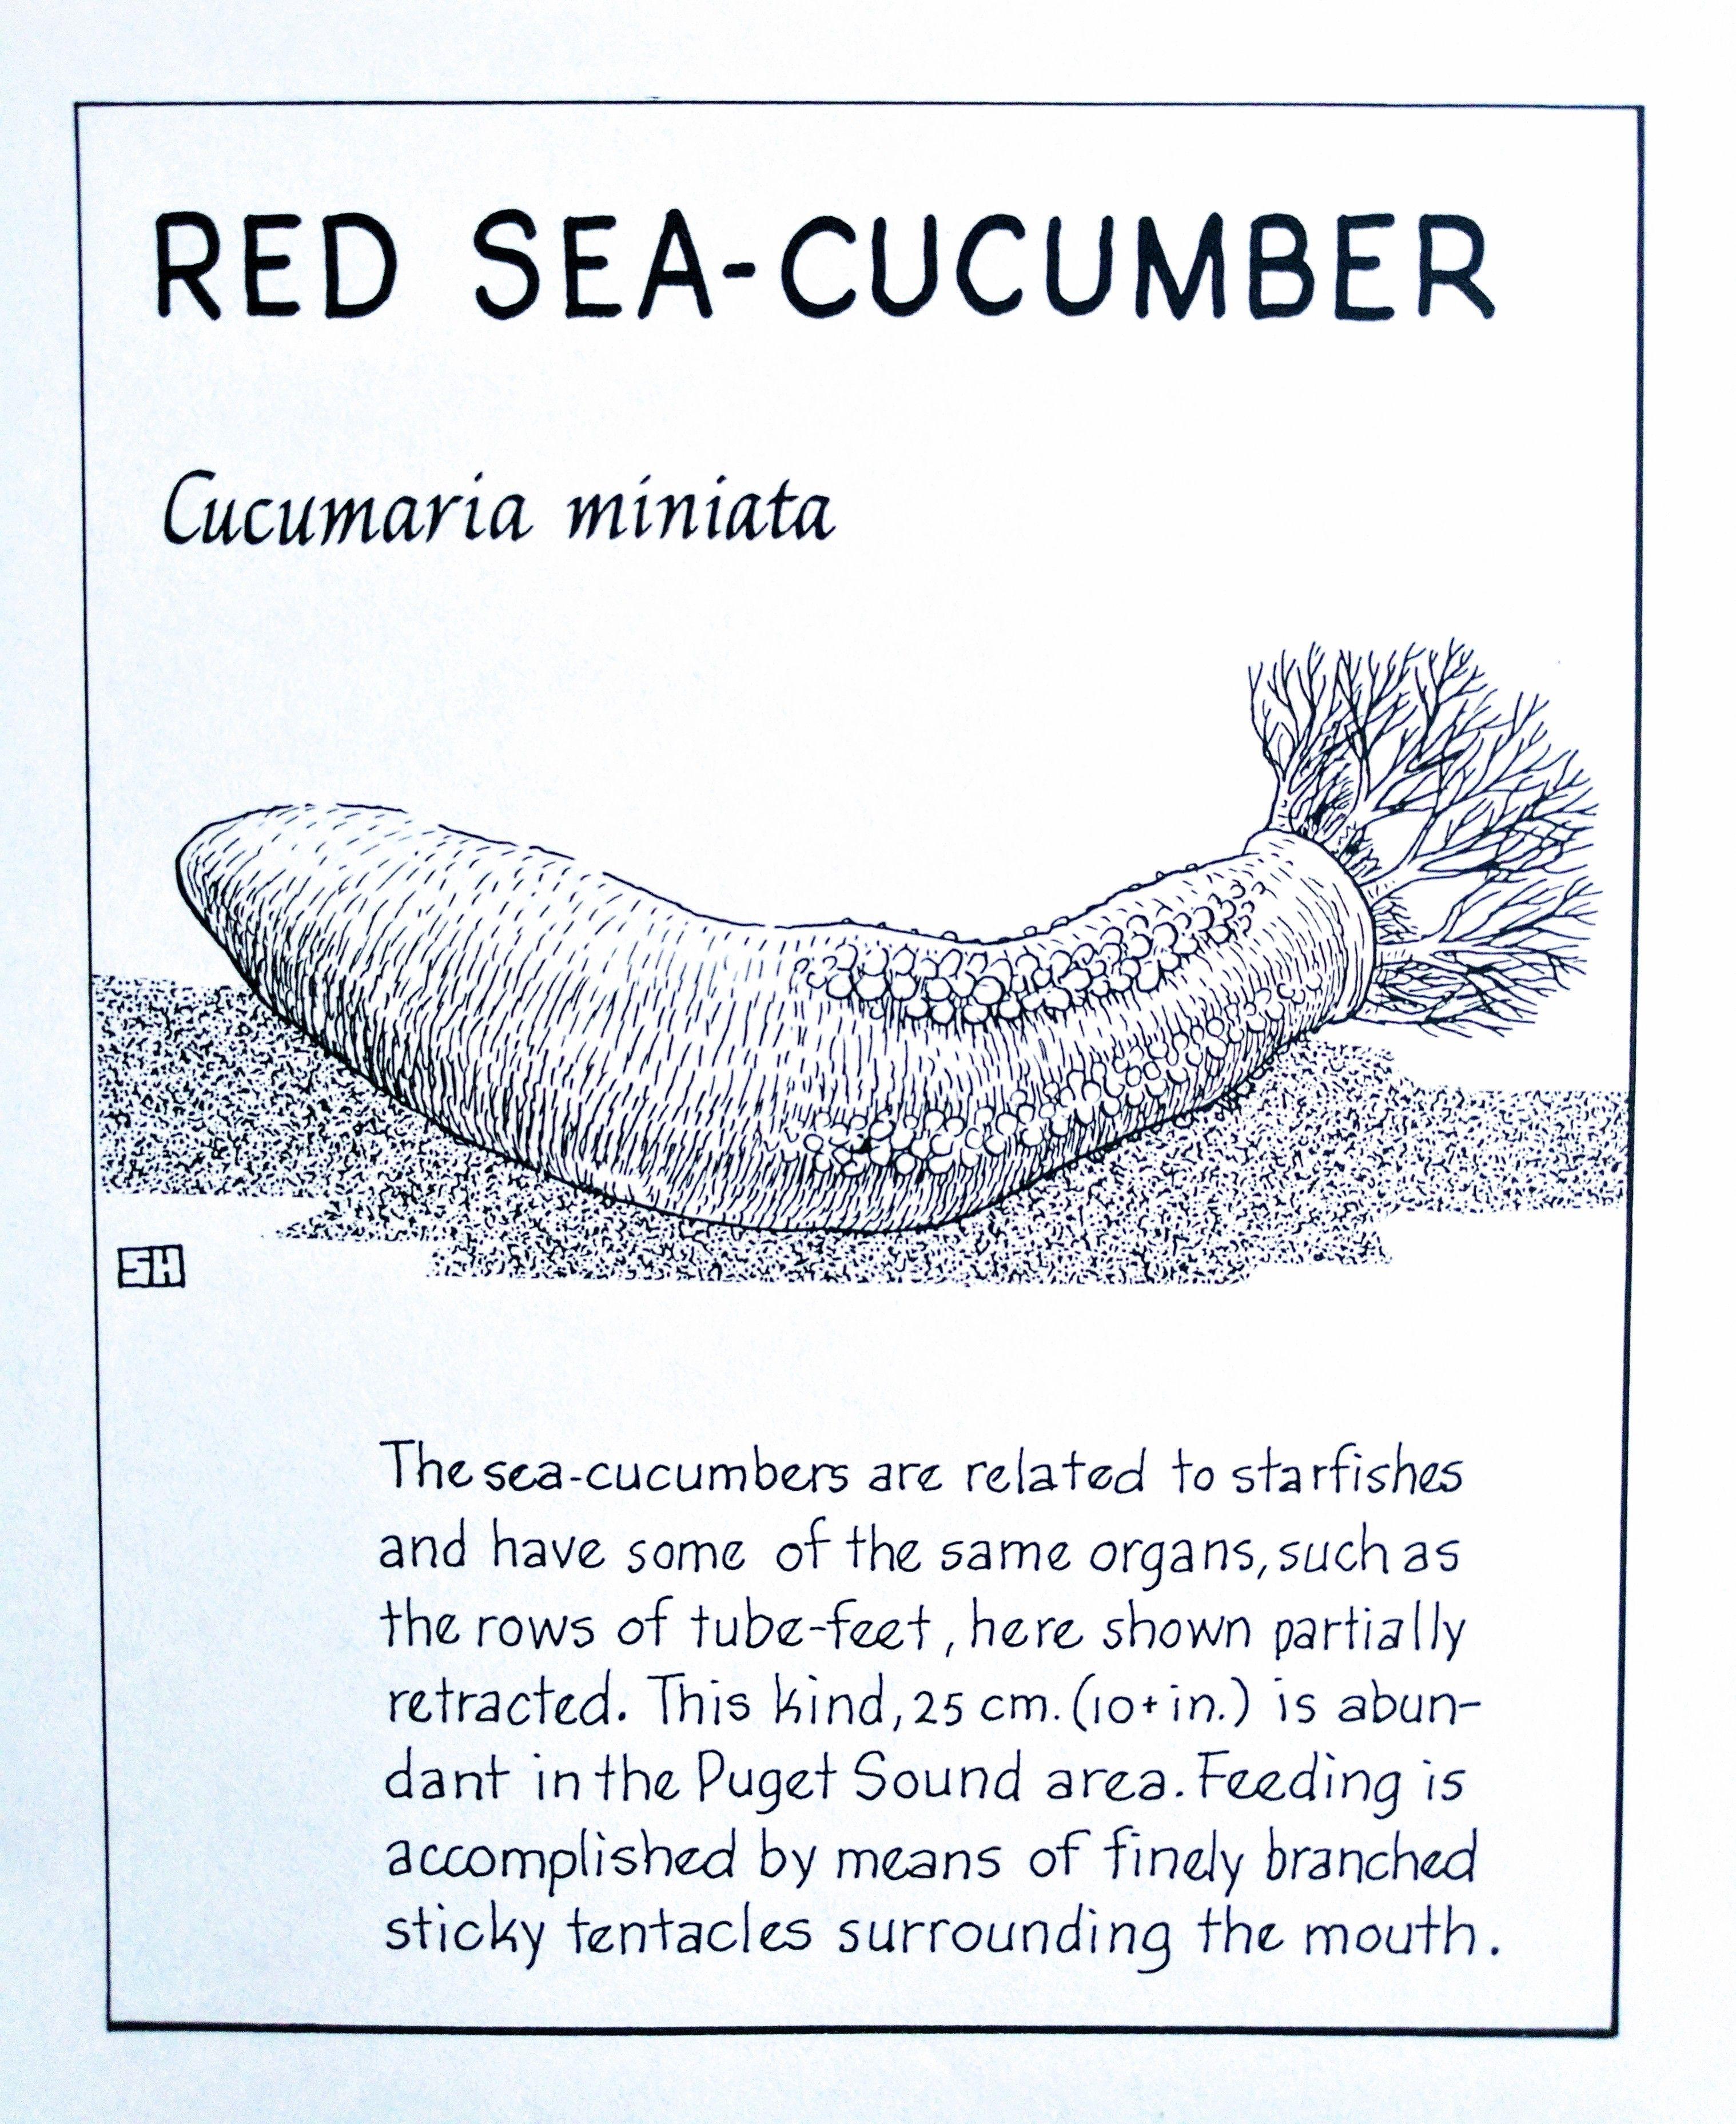 Red Sea-Cucumber (Cucumaria miniata) | The Ocean World by Sam Hinton ...